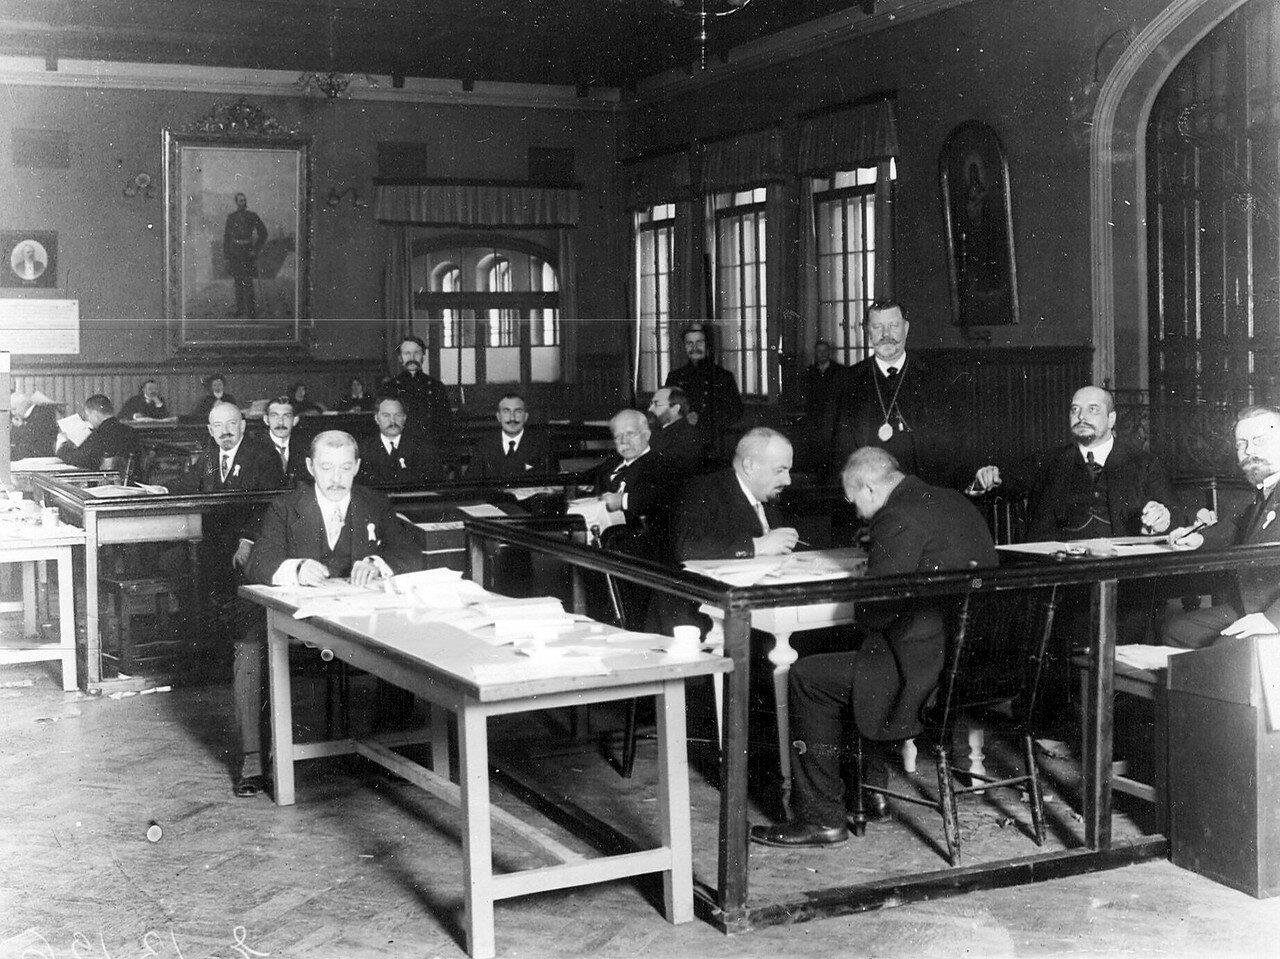 Избирательная комиссия по выборам депутатов Четвертой Государственной думы от Литейной части. Октябрь 1912